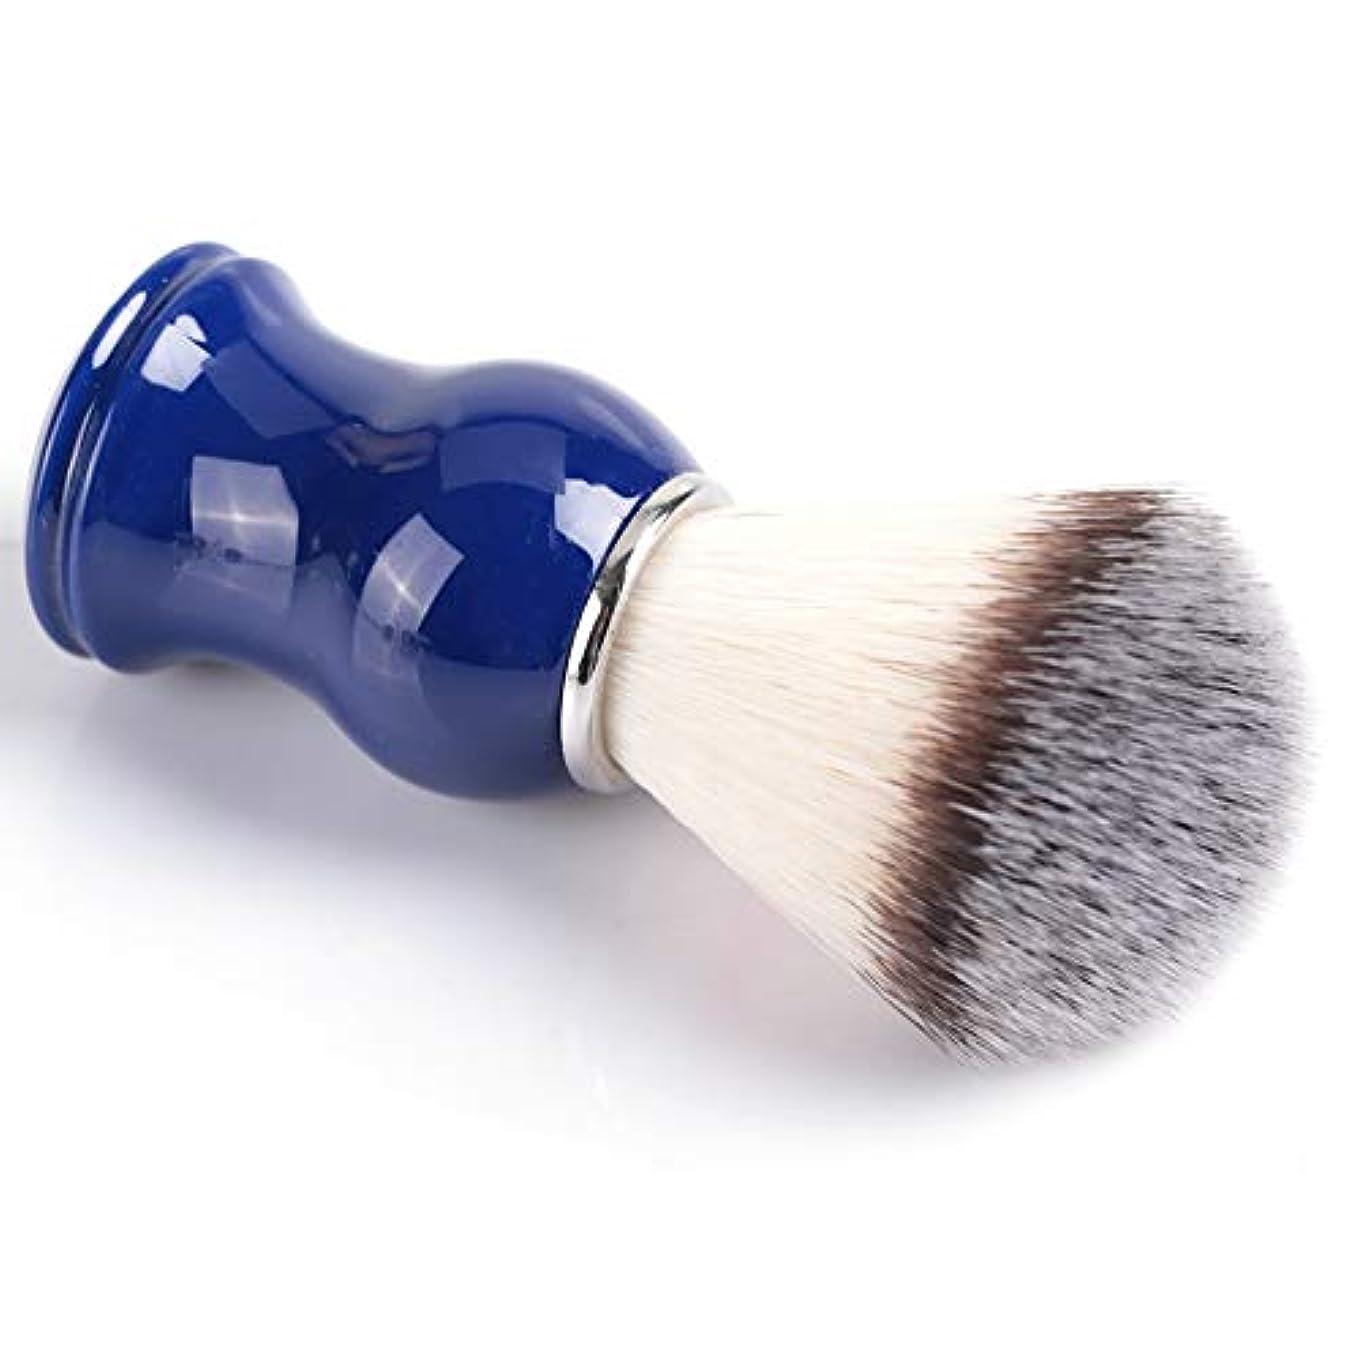 代表枠混合ひげブラシ 髭剃り メンズ シェービングブラシ 木製コム 毛髭ブラシバッガーヘア シェービングブラシ ポータブルひげ剃り美容(ナイロン)